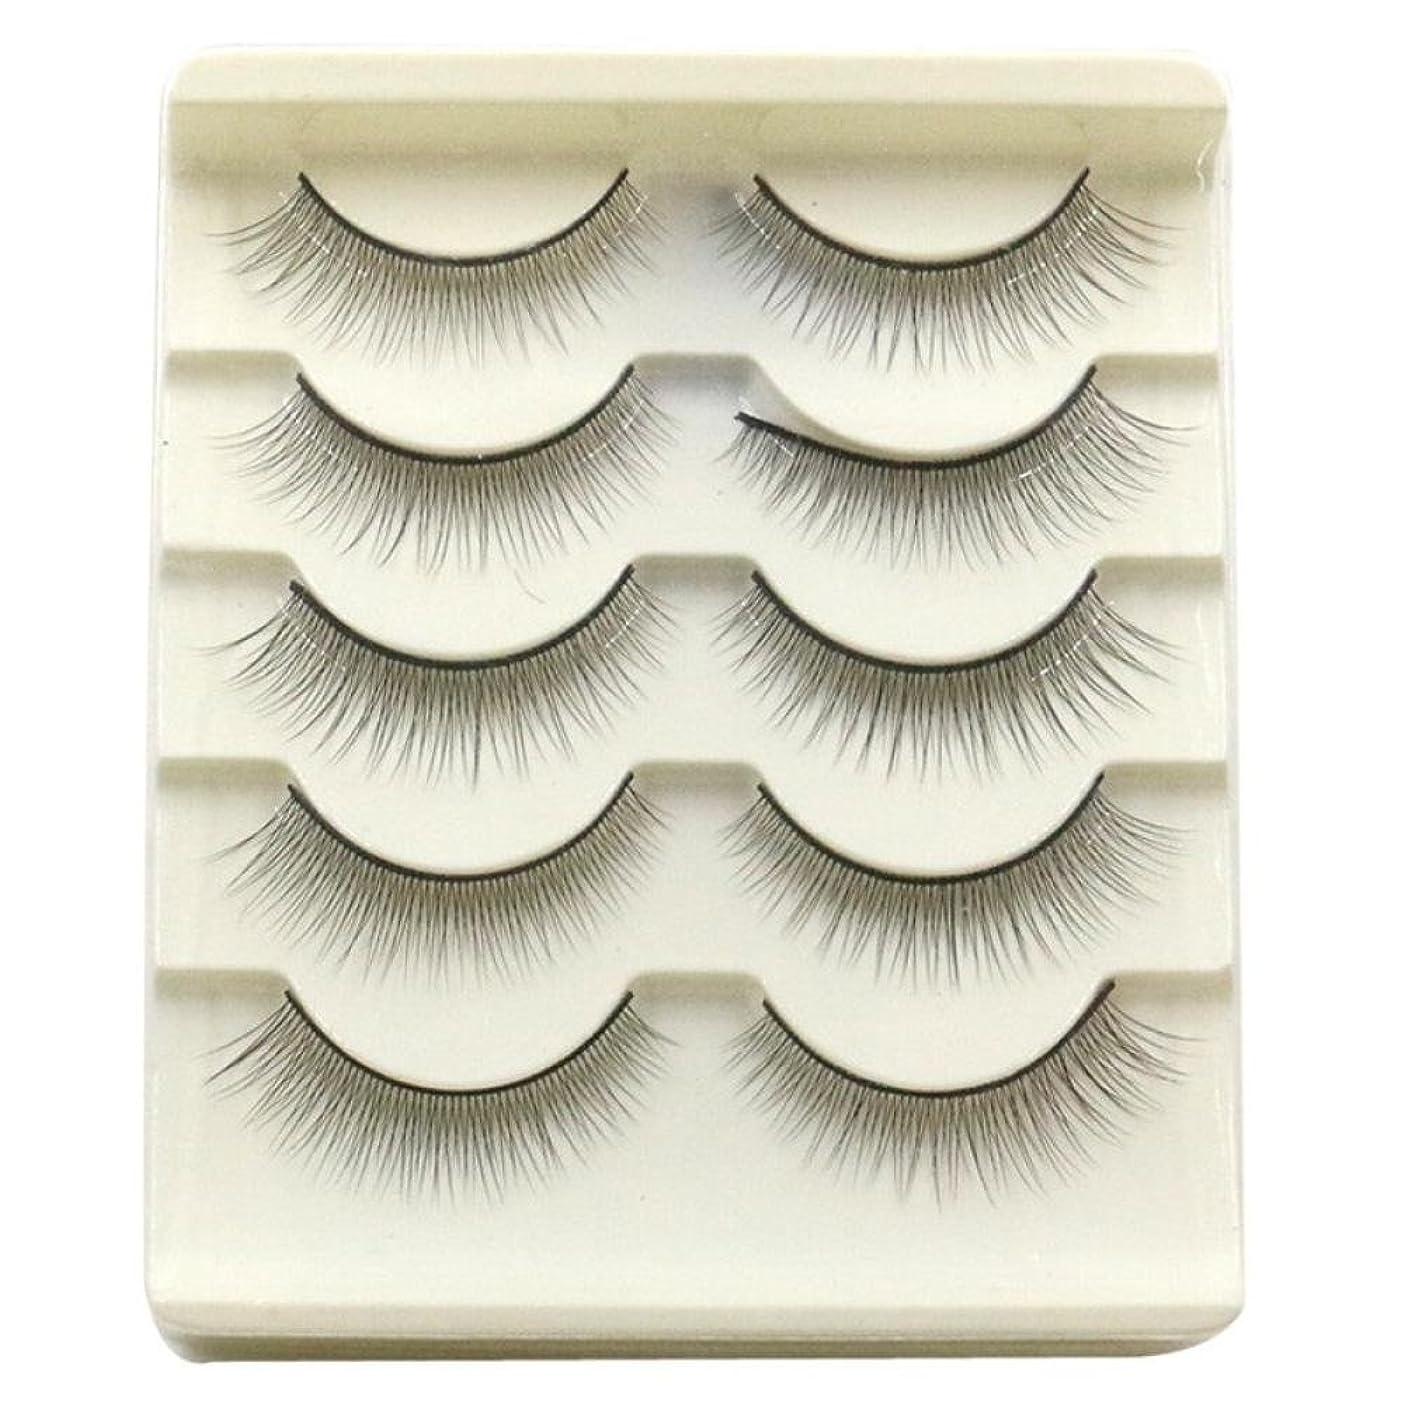 の有能な反響するFeteso 5ペア つけまつげ 上まつげ Eyelashes アイラッシュ ビューティー まつげエクステ レディース 化粧ツール アイメイクアップ 人気 ナチュラル ふんわり 装着簡単 綺麗 極薄